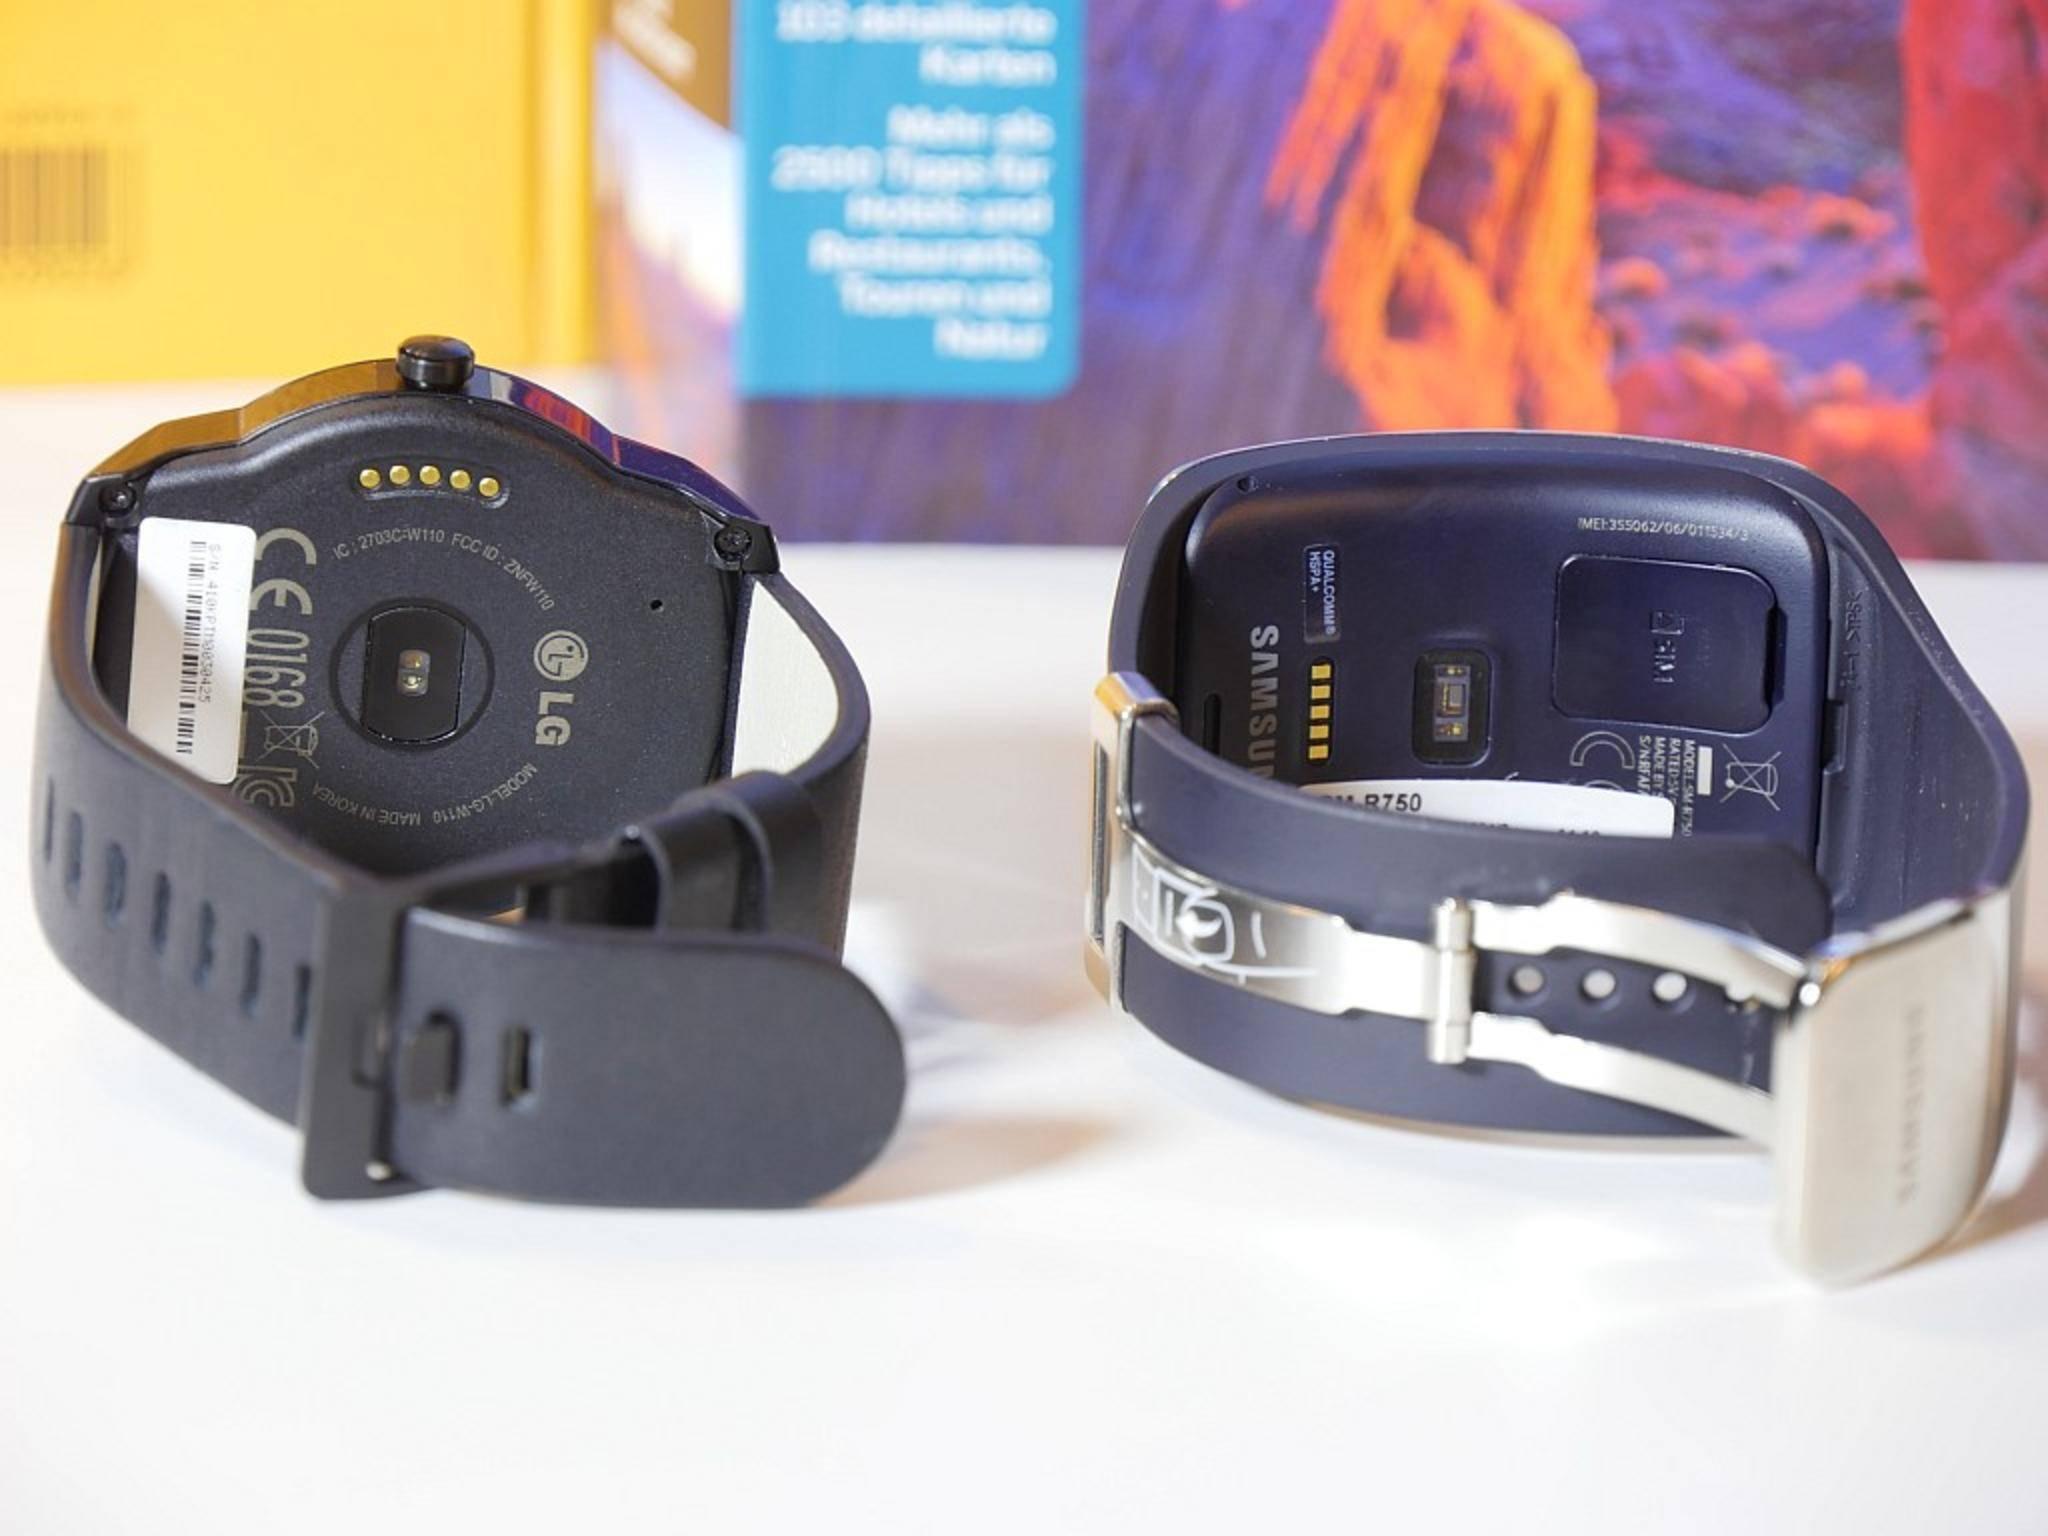 Auf der Uhrenrückseite kommen Pulssensor, SIM-Kartenslot und Ladekontakte unter.